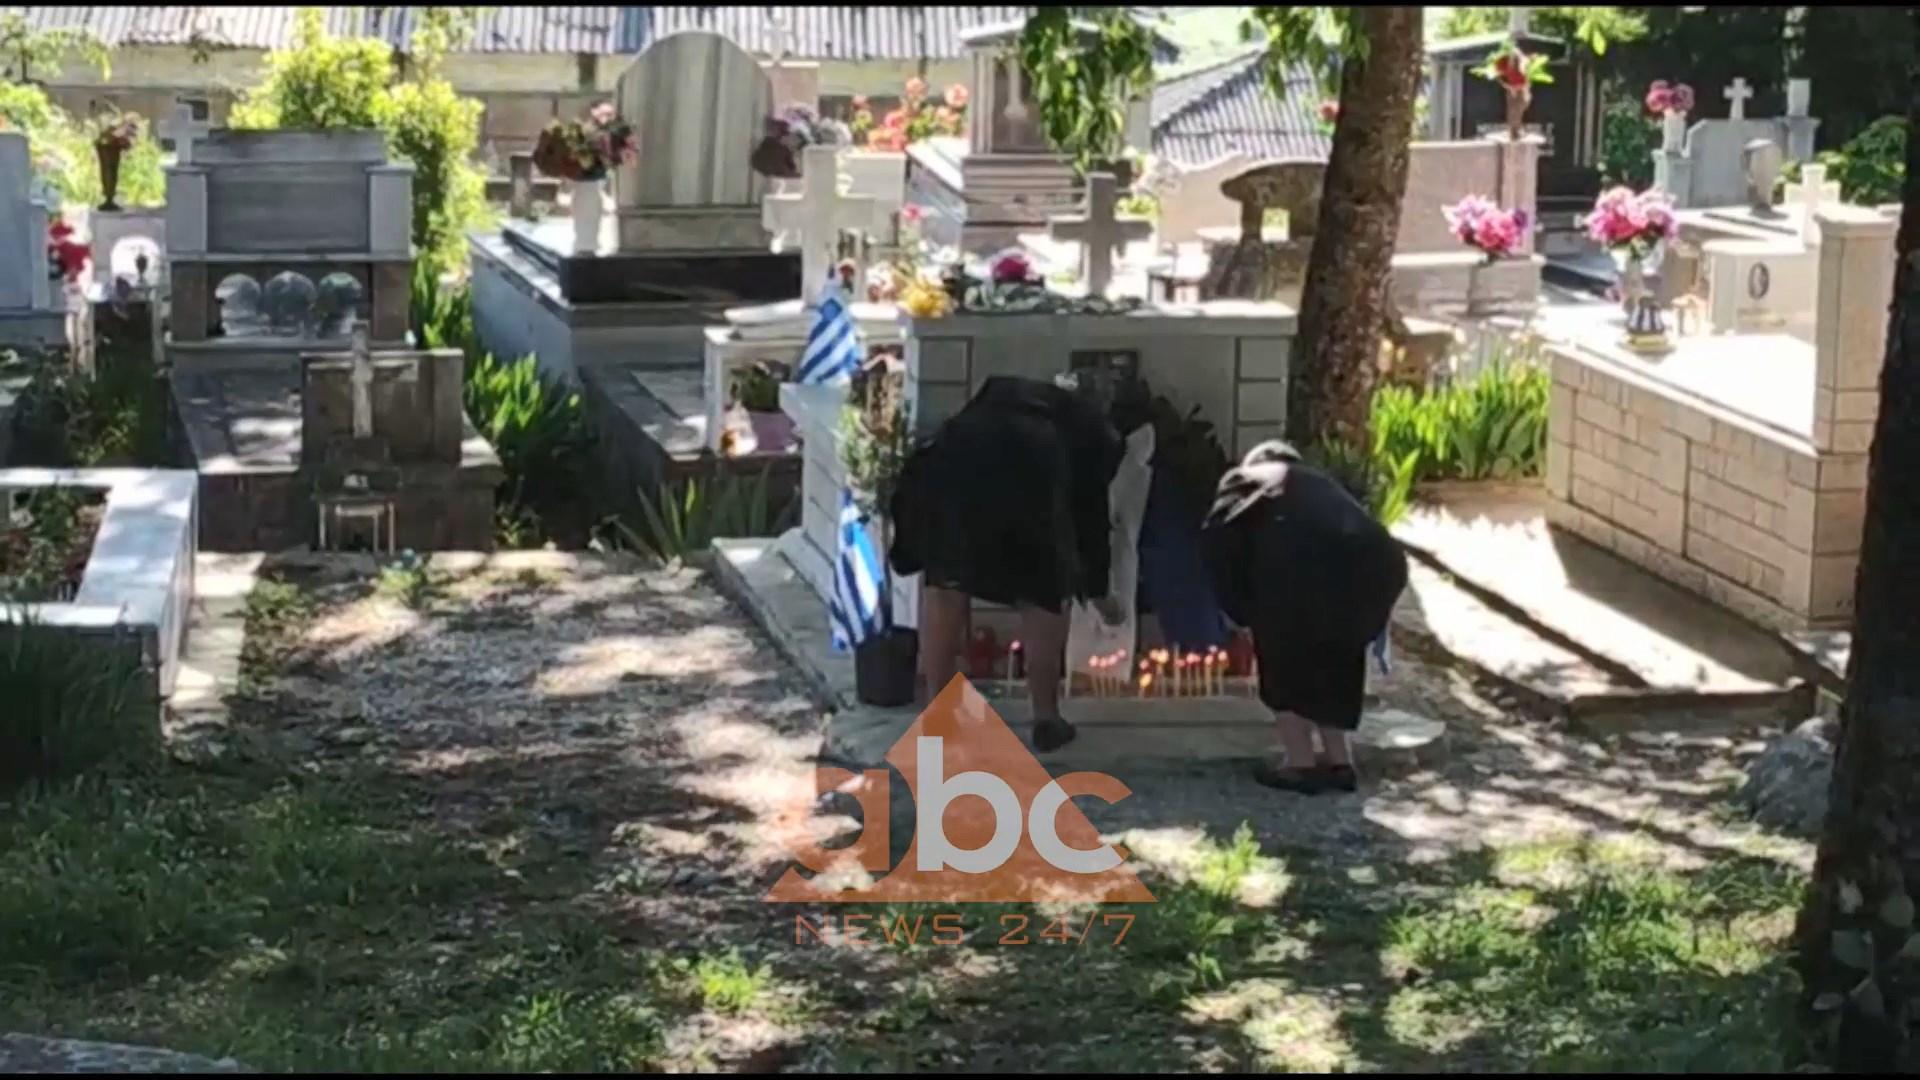 Vinin për ceremoninë përkujtimore të Kacifas, kthehen në kufi 9 grekë